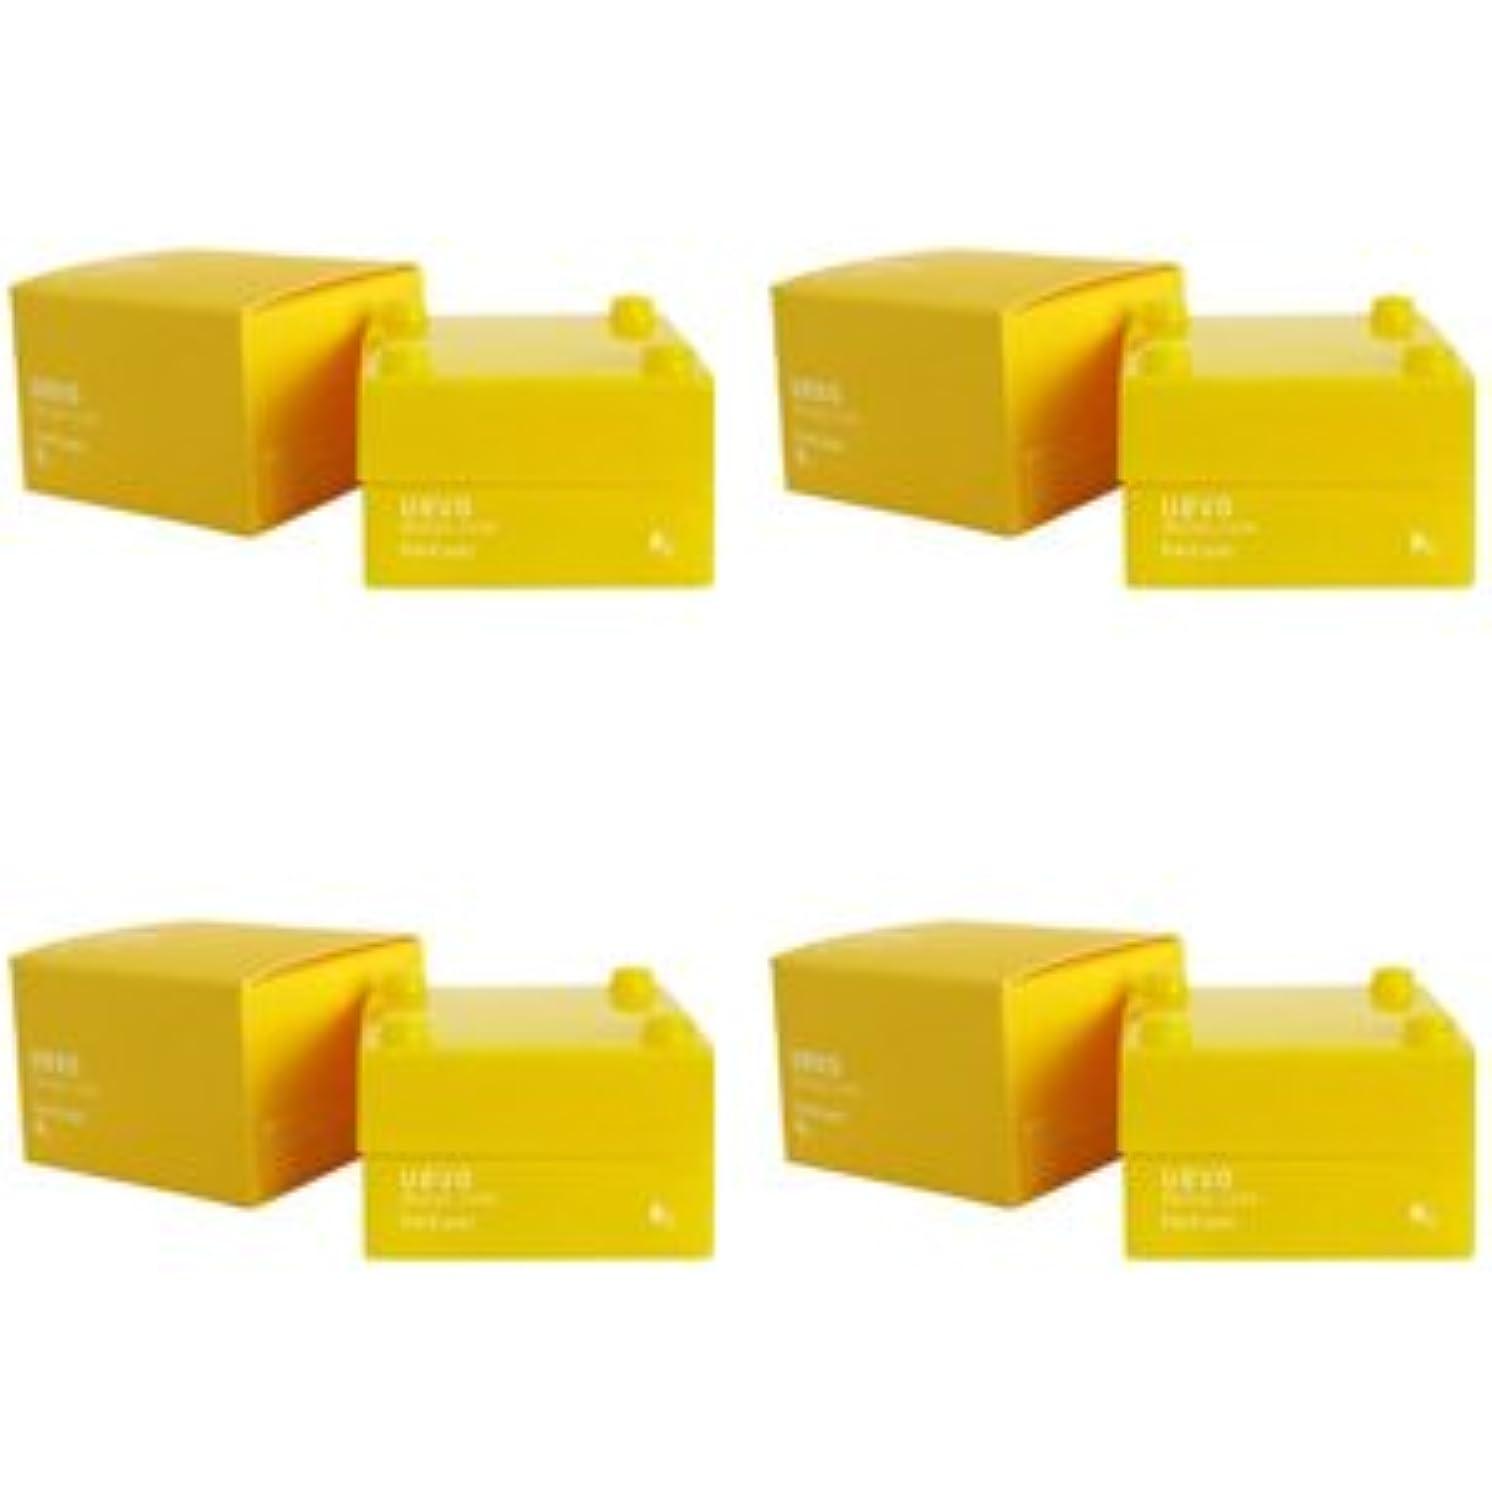 文房具解き明かす民族主義【X4個セット】 デミ ウェーボ デザインキューブ ハードワックス 30g hard wax DEMI uevo design cube